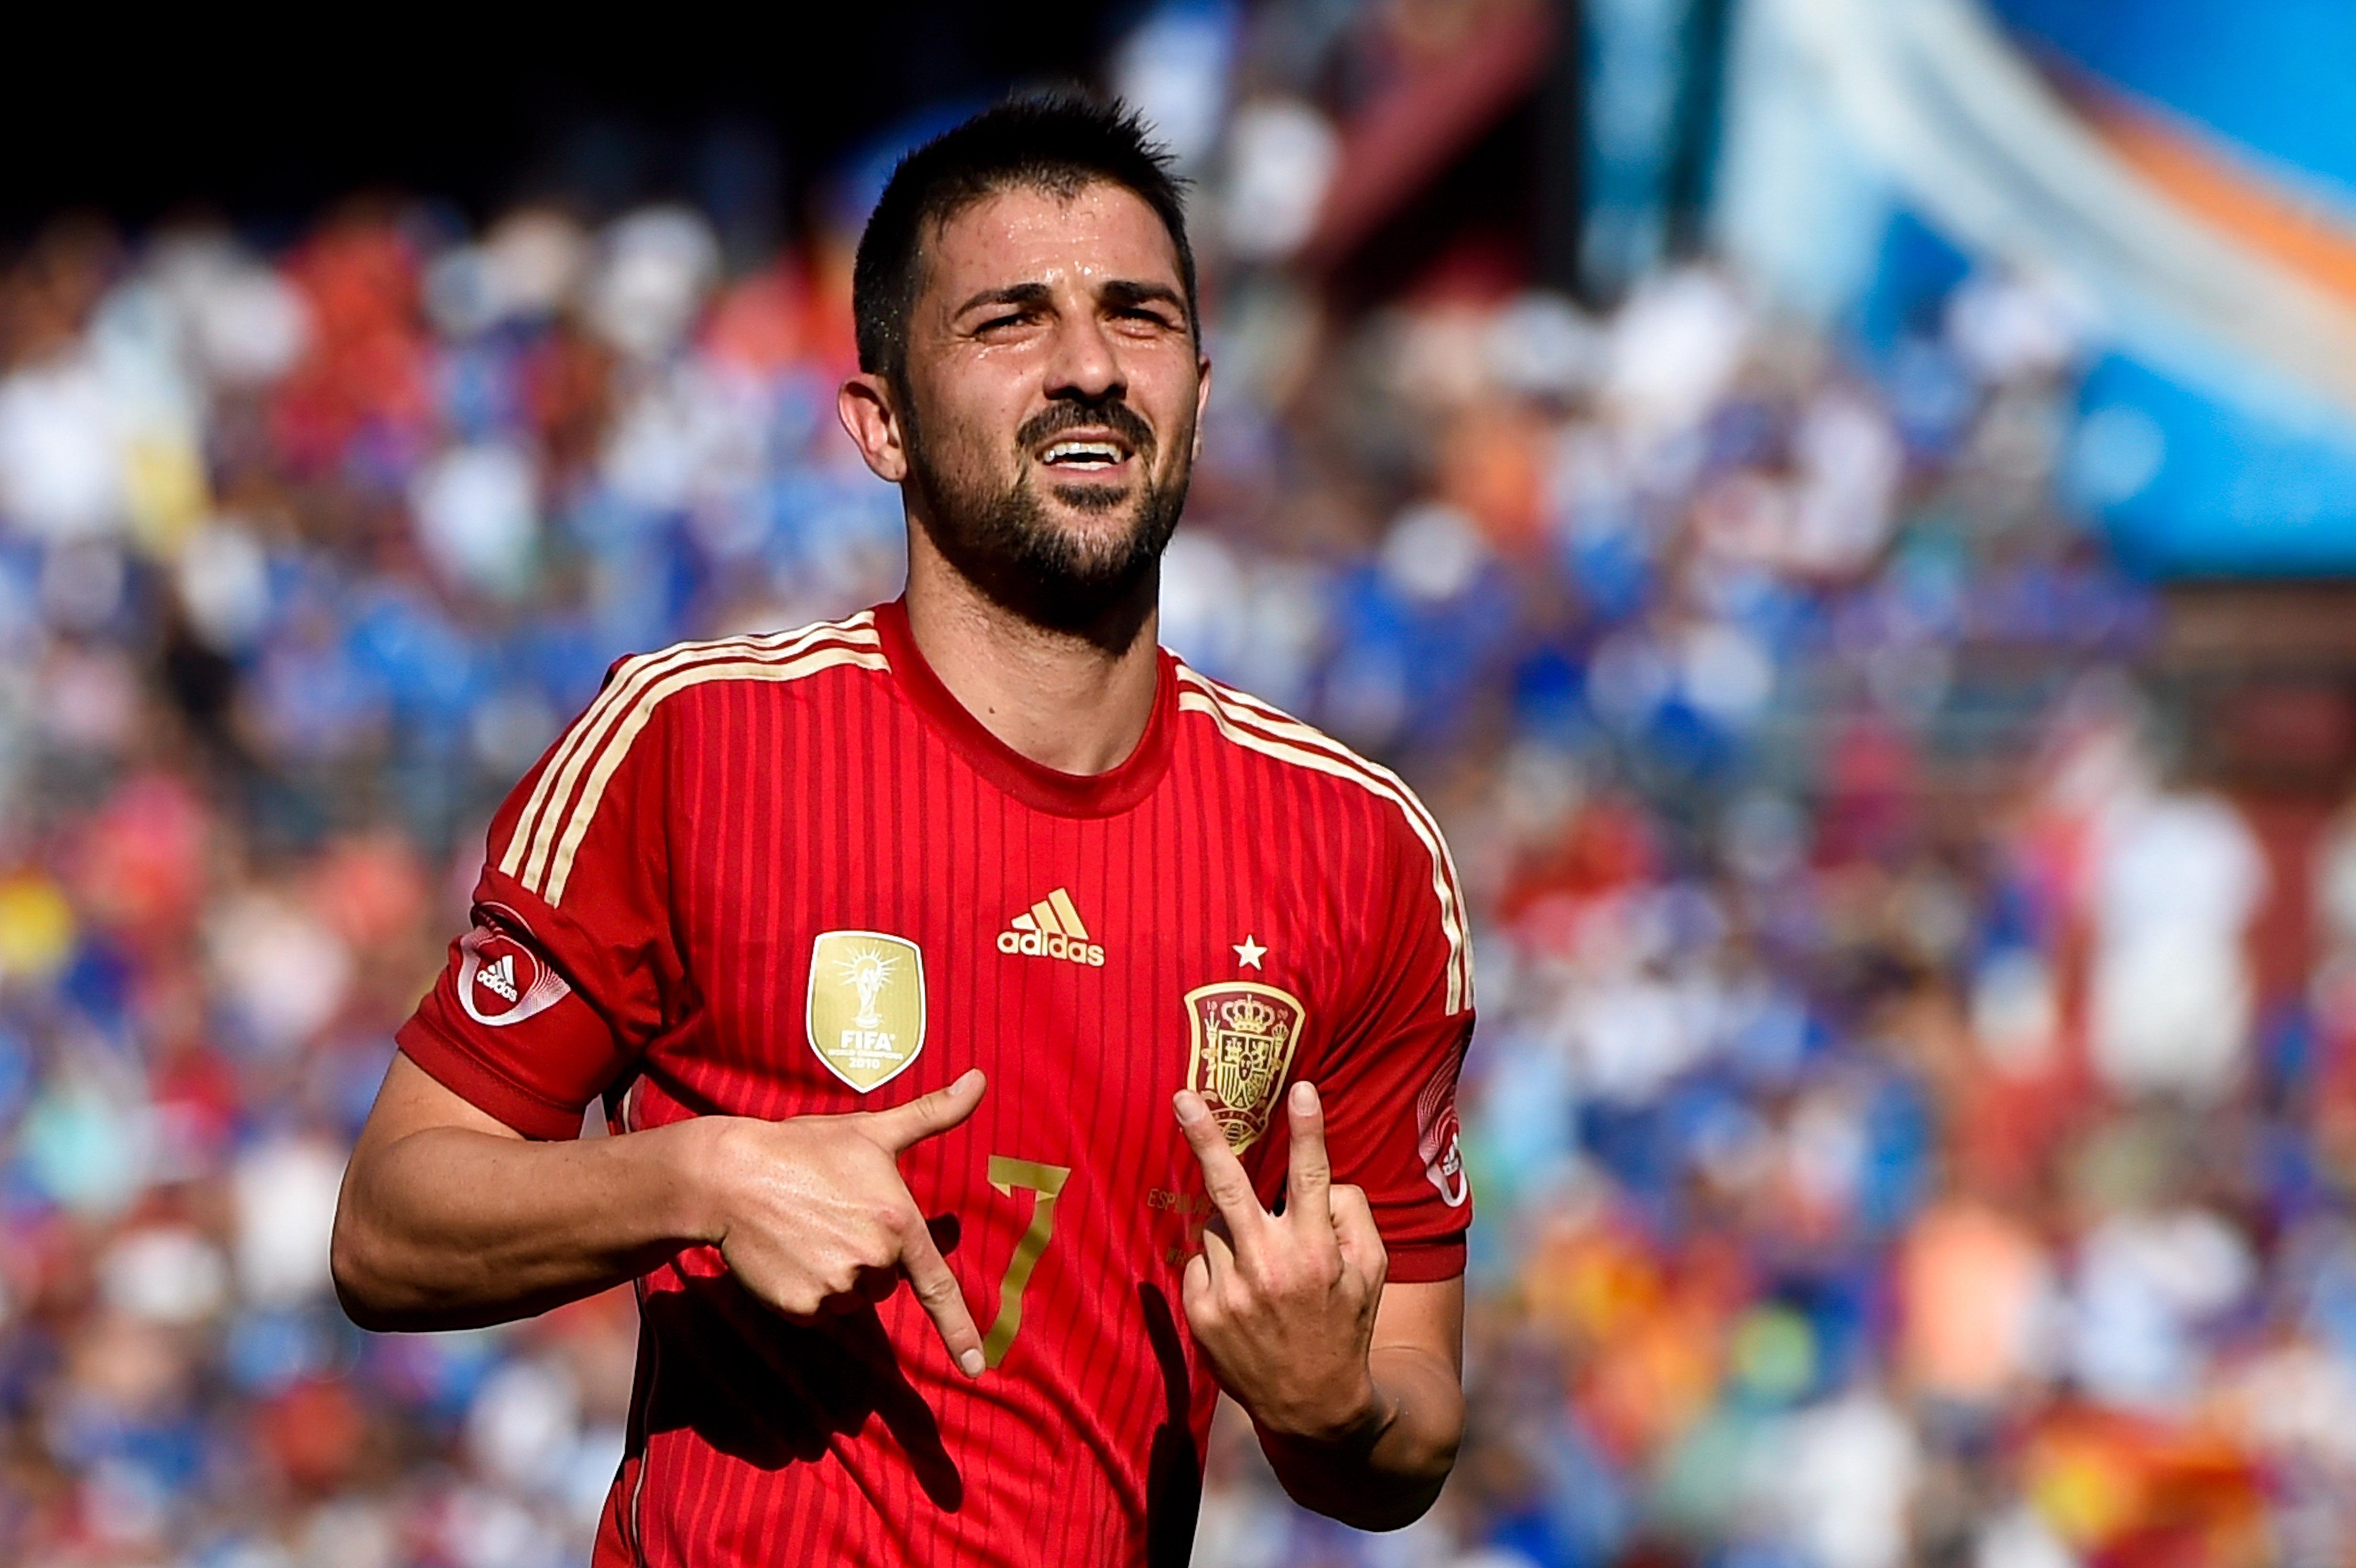 David Villa Spain 2014 Football | David Villa Spain